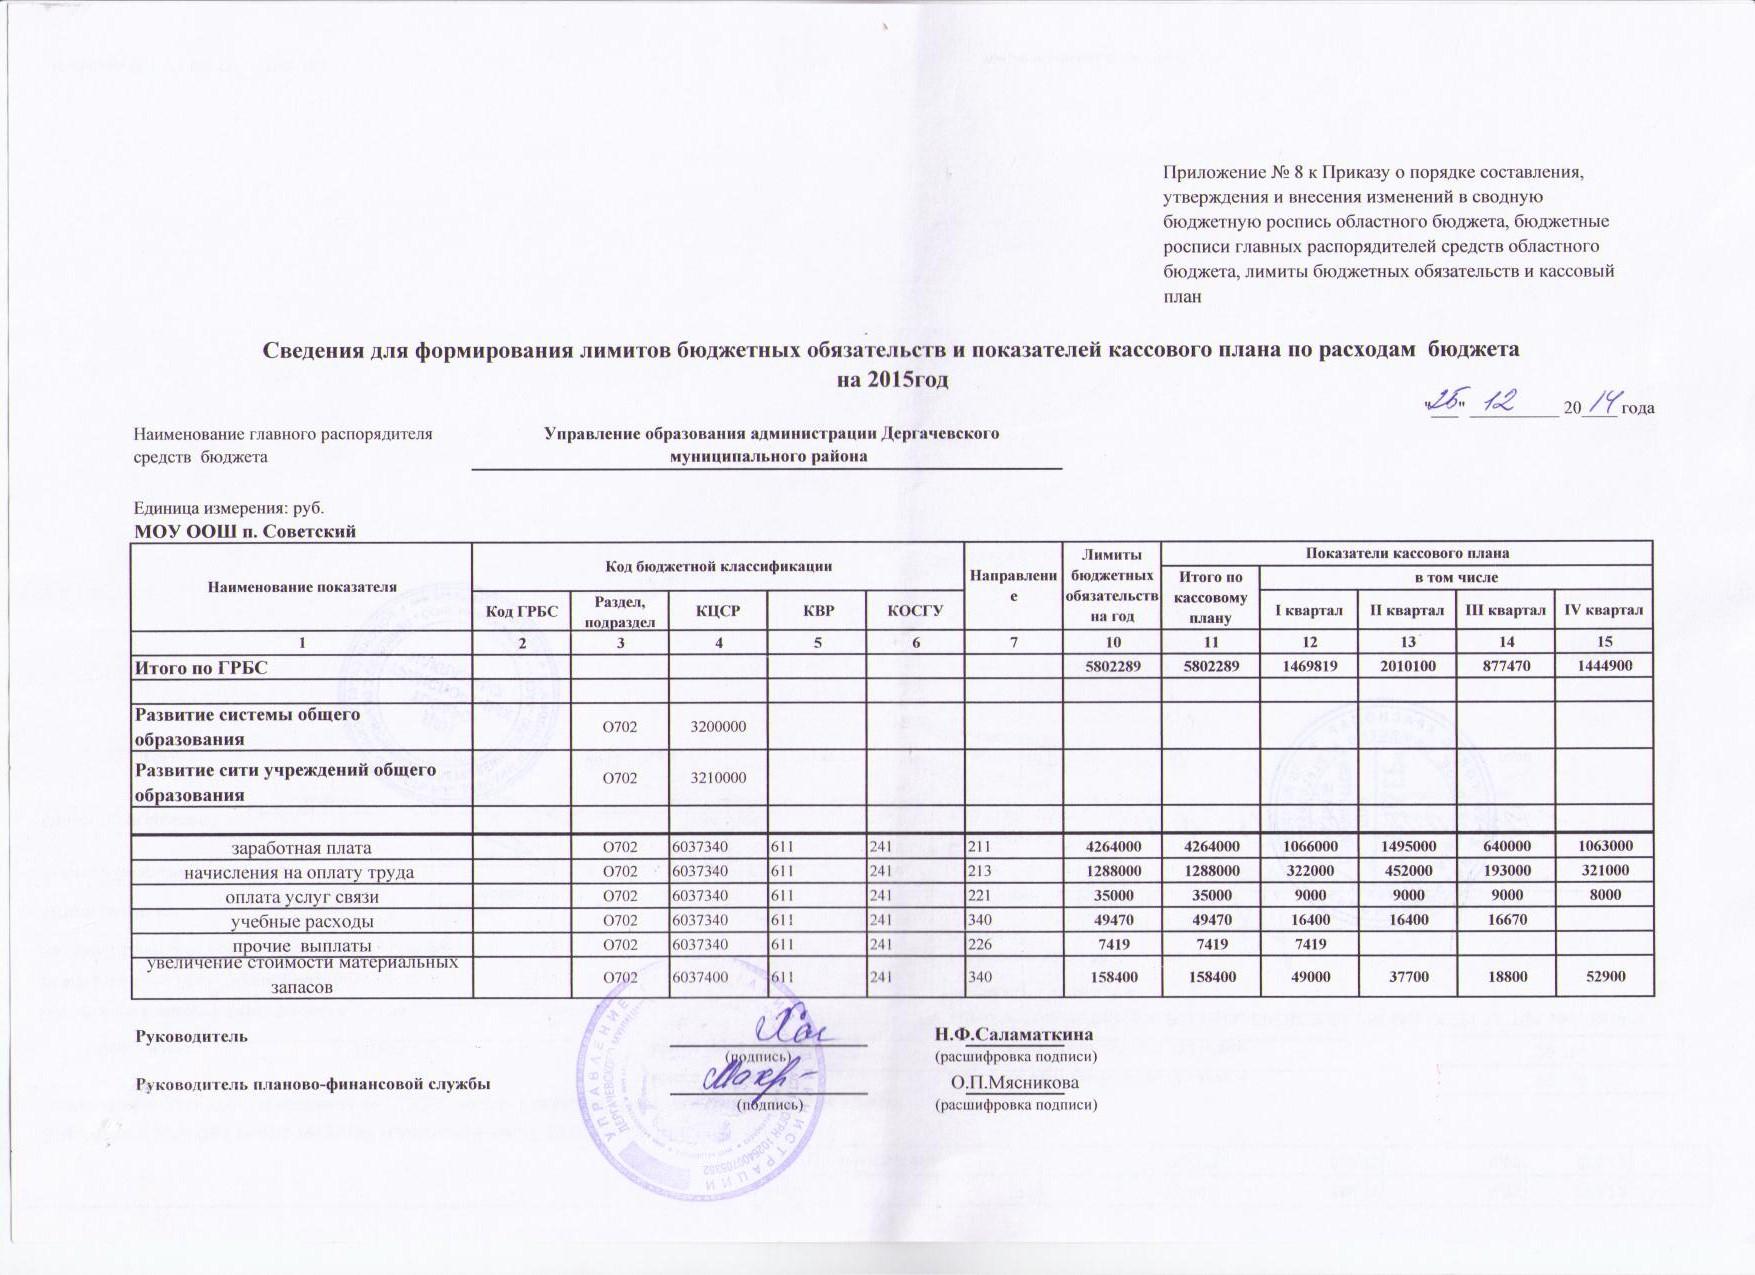 Сводная бюджетная роспись областного бюджета